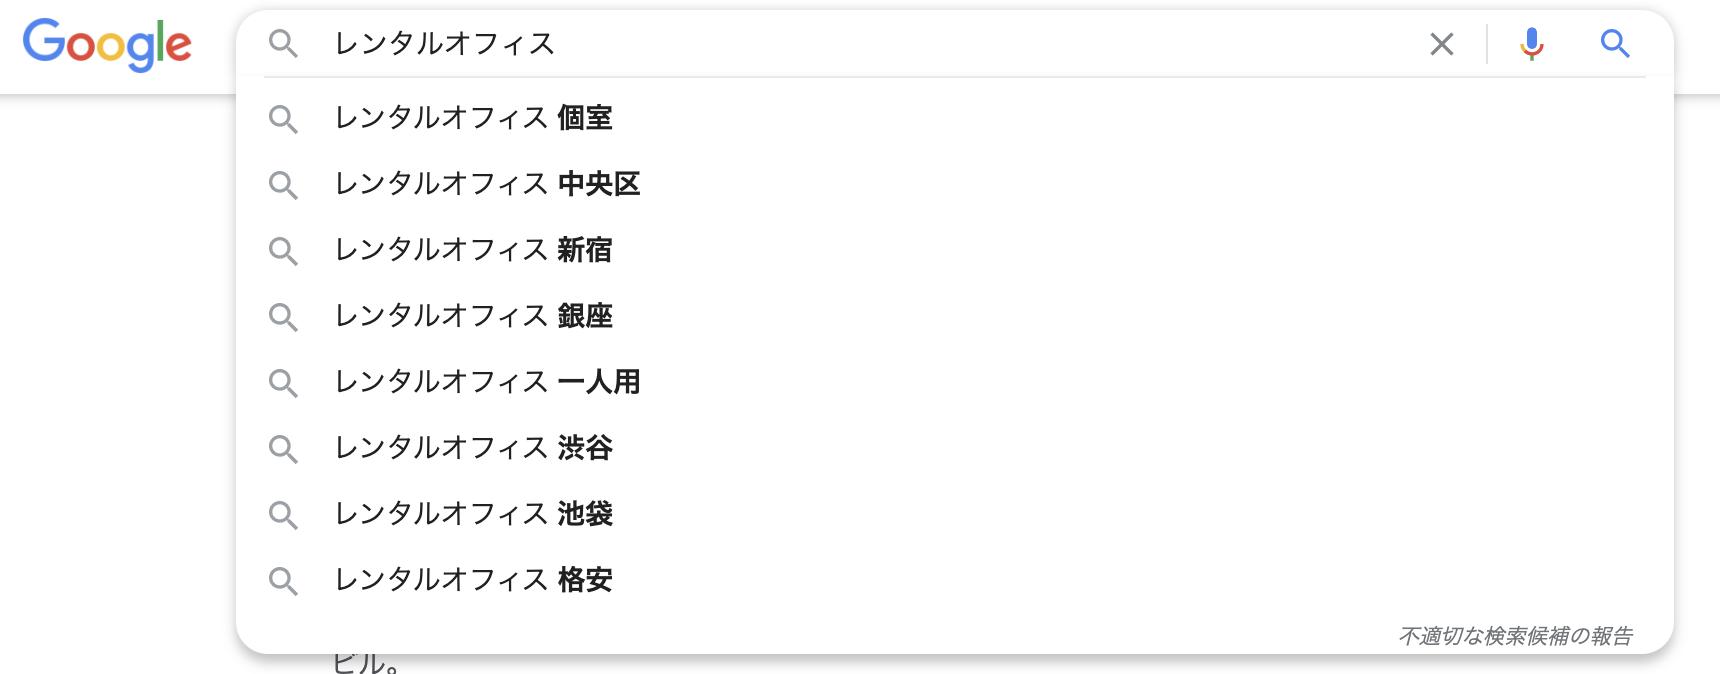 関連検索ワードの例2